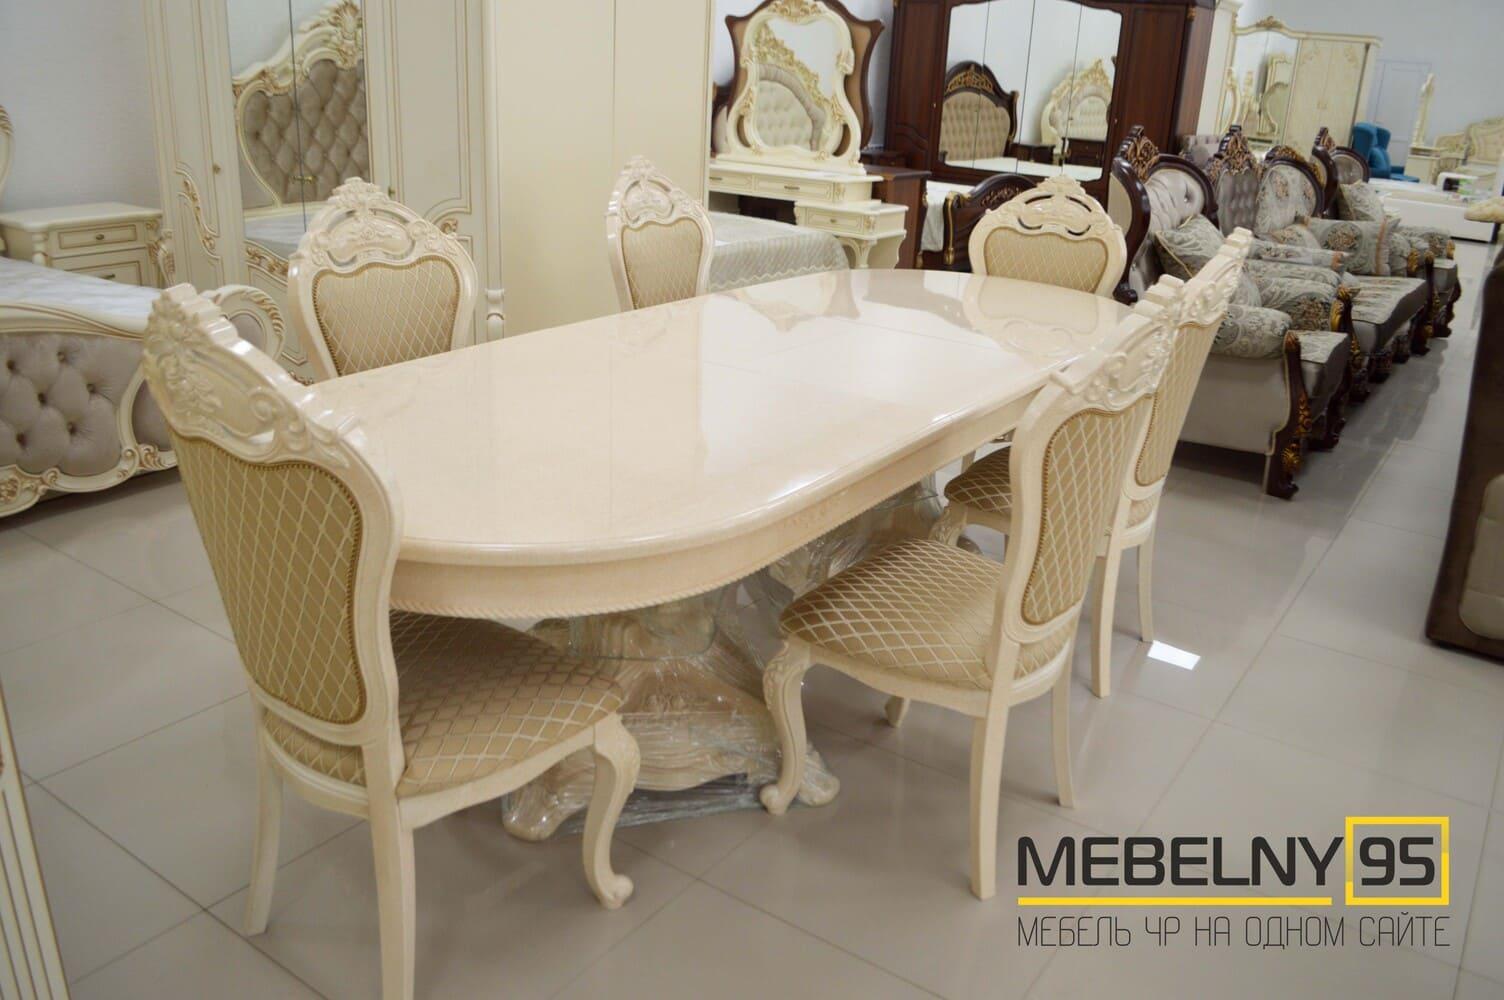 Столы - изображение №1 на mebelny95.ru